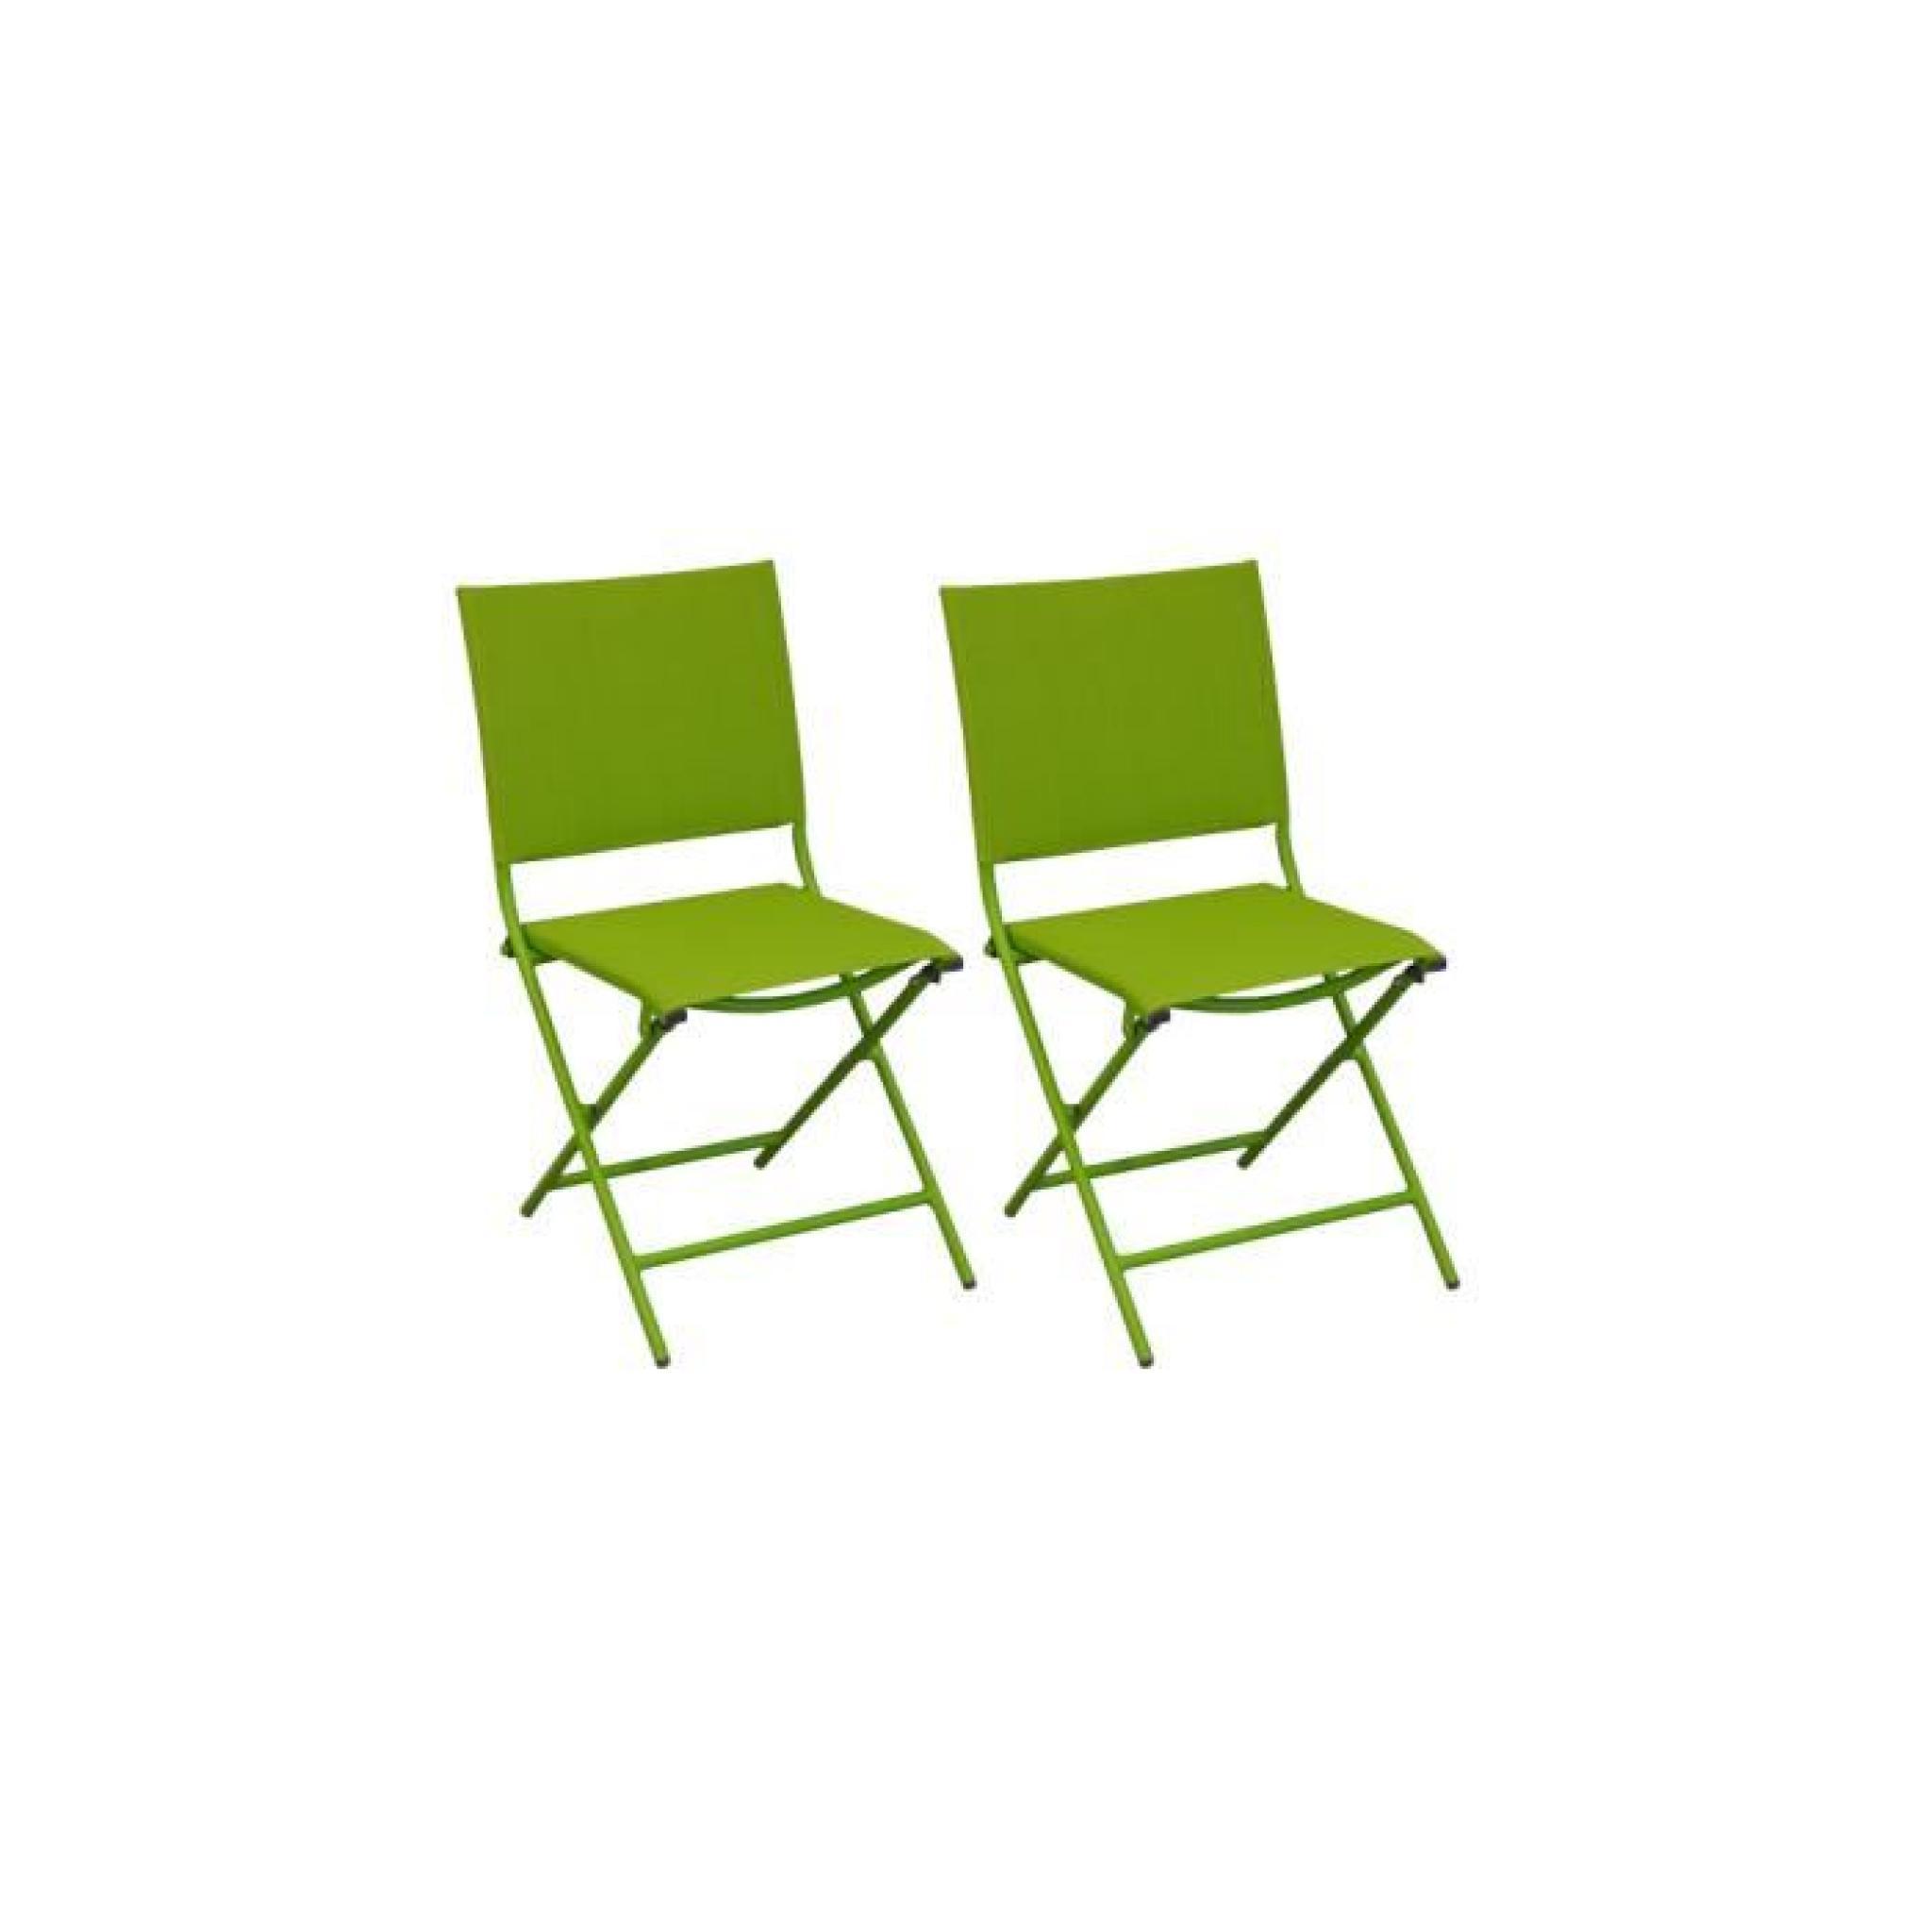 Globe chaise pliante acier cataphor se textil ne mousse for Chaise de jardin textilene pas cher